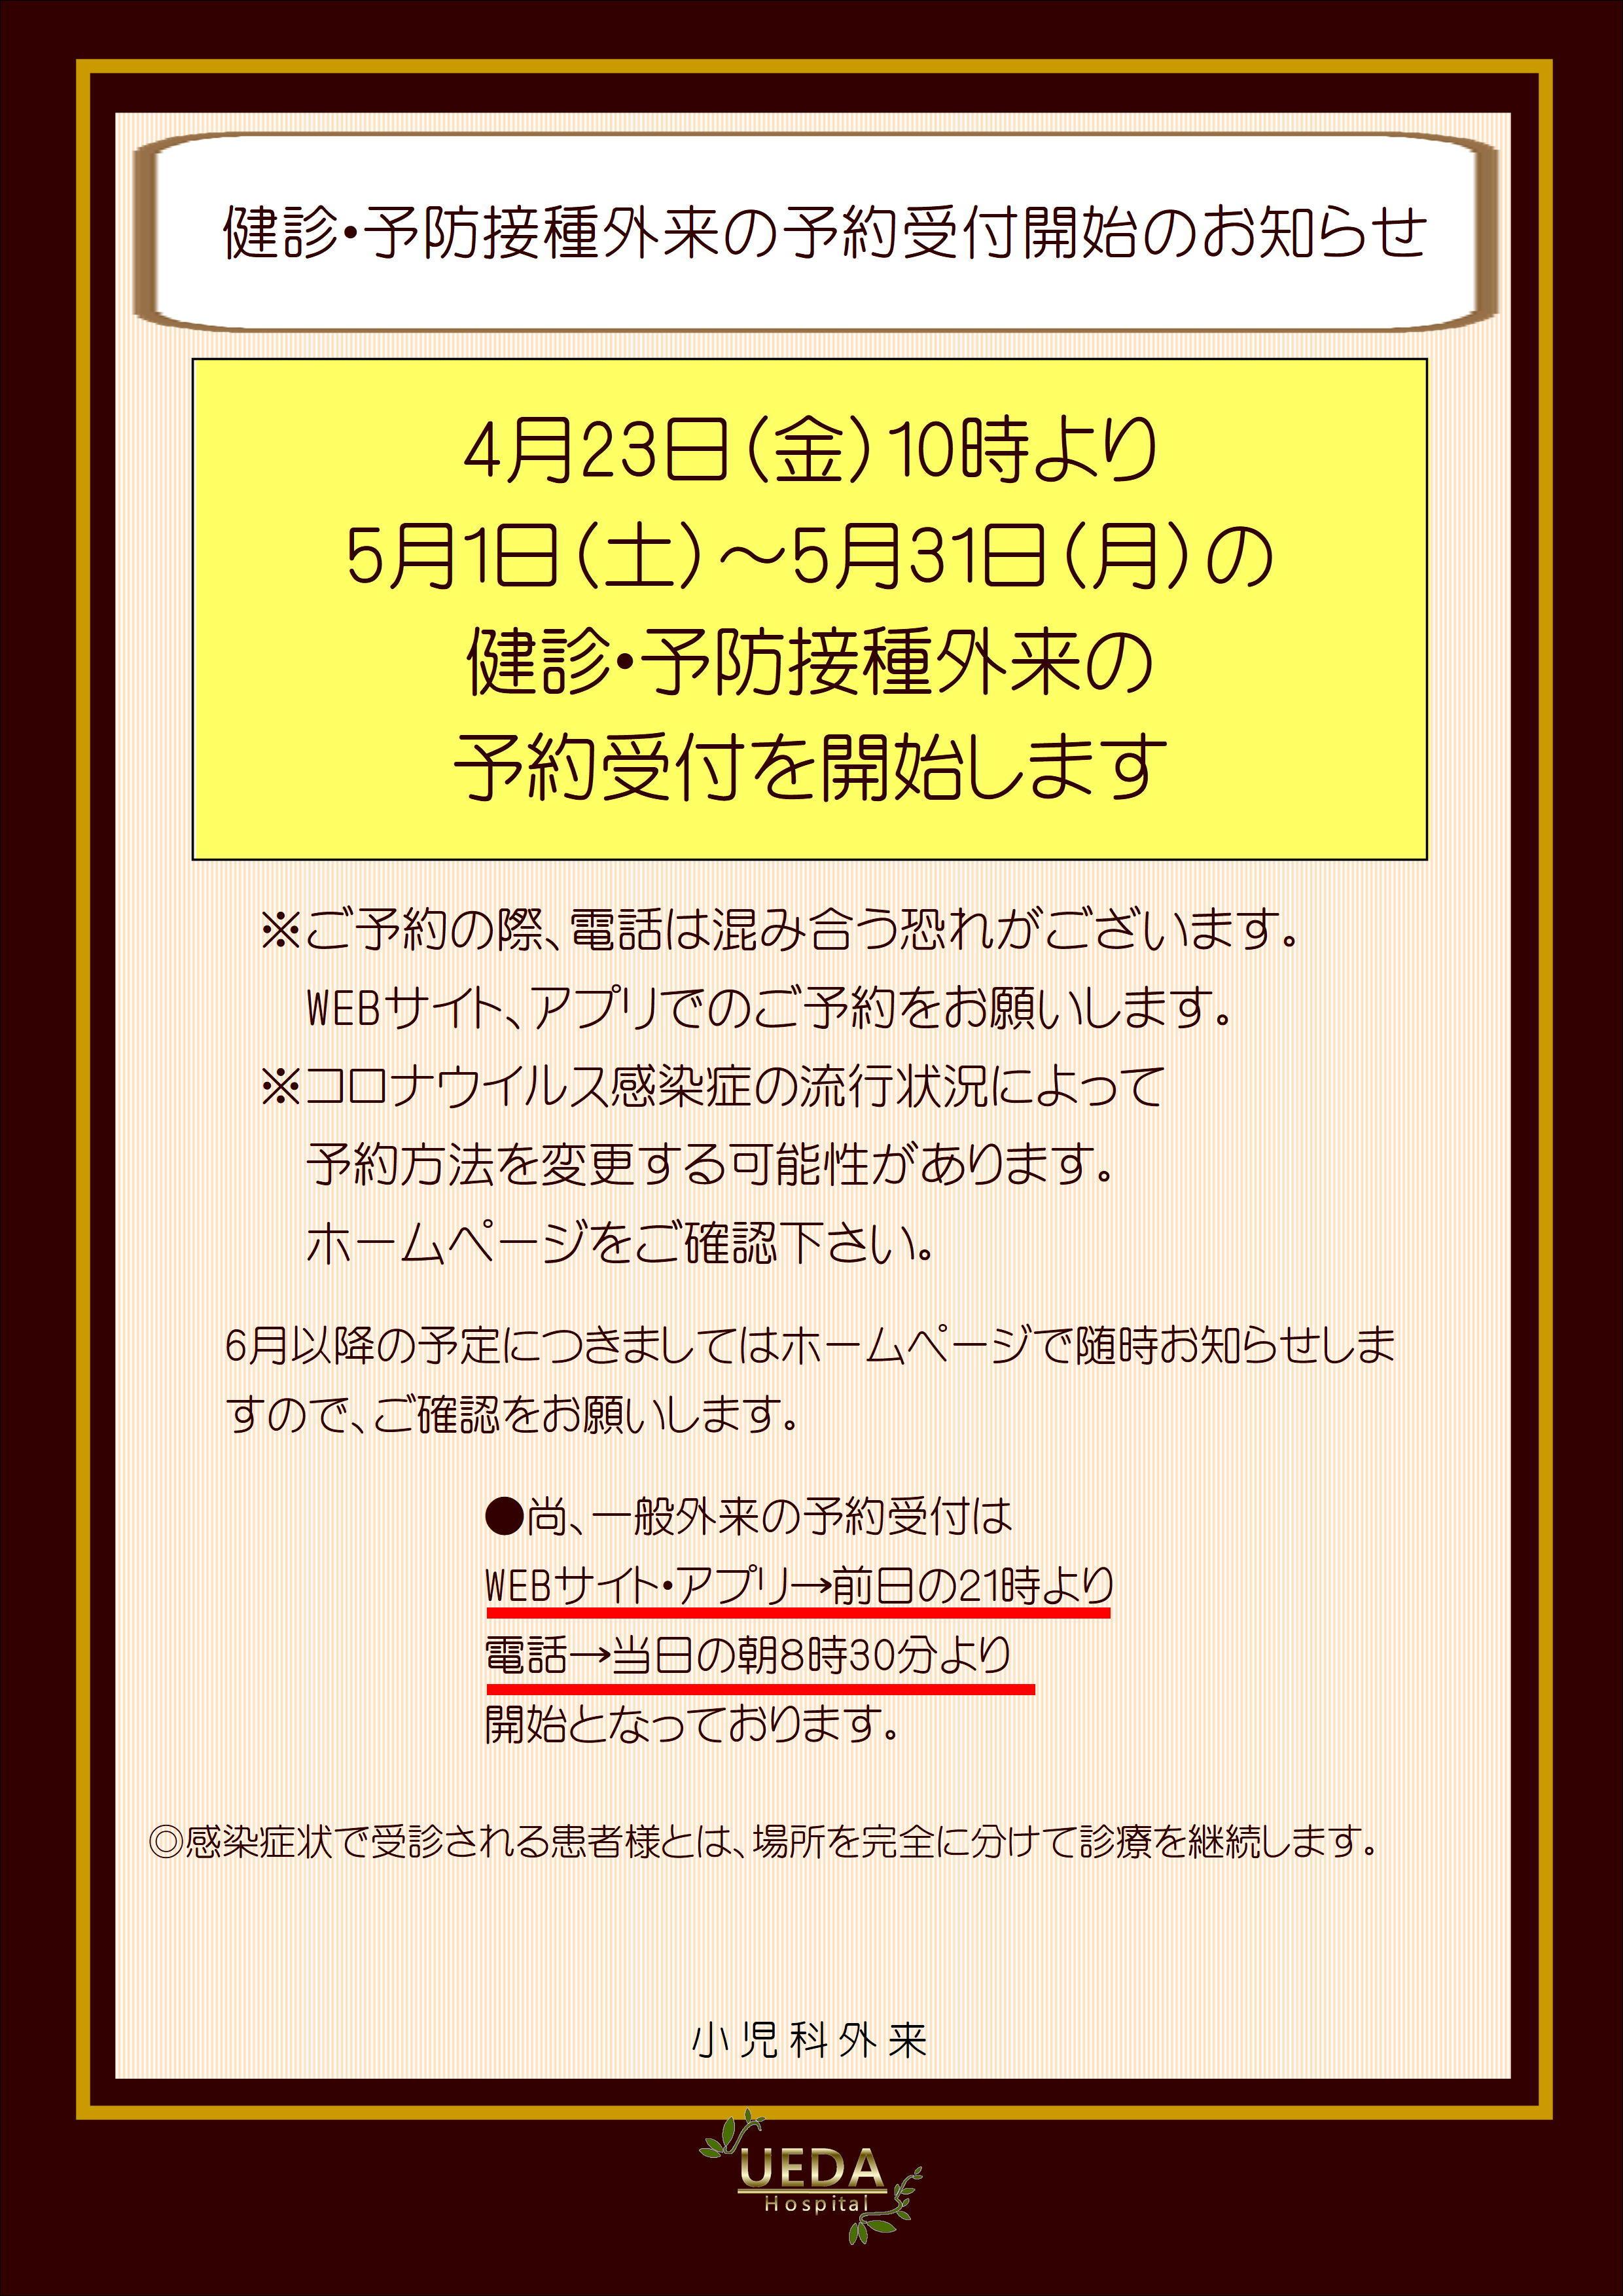 5月健診・予防接種外来予約受付.JPG